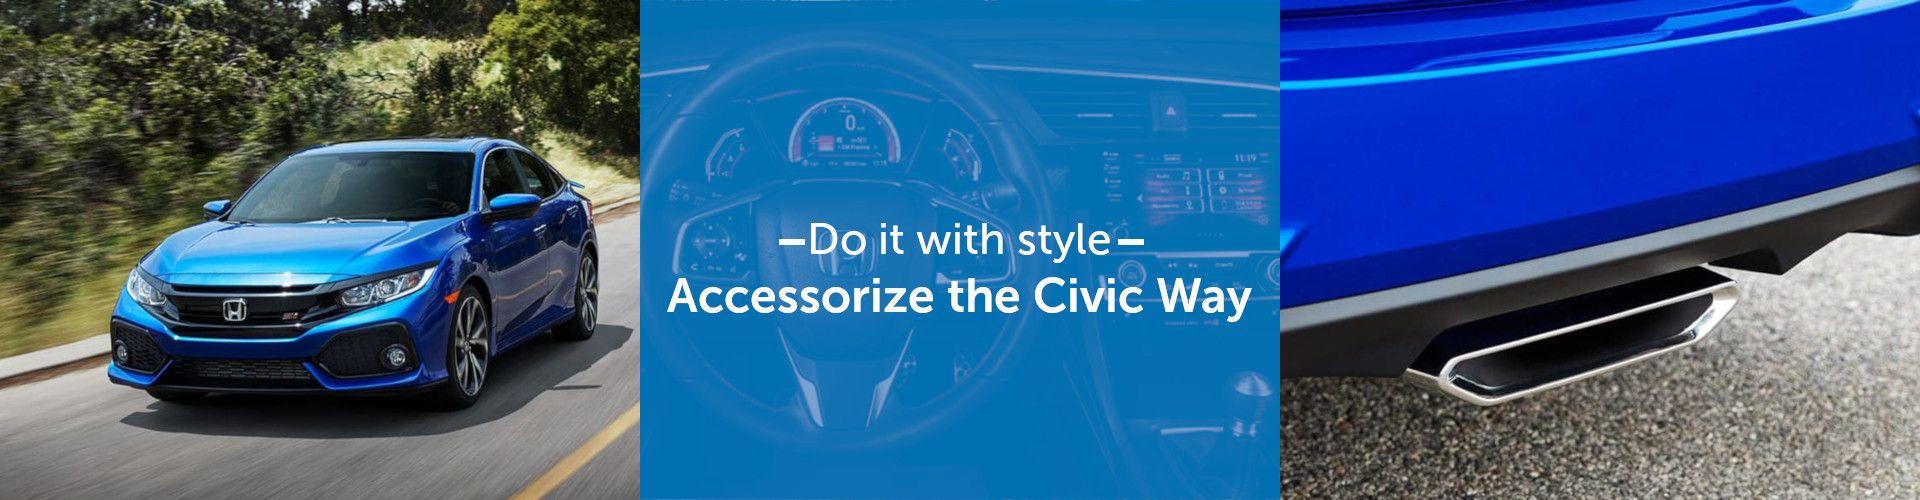 Civic Accessories